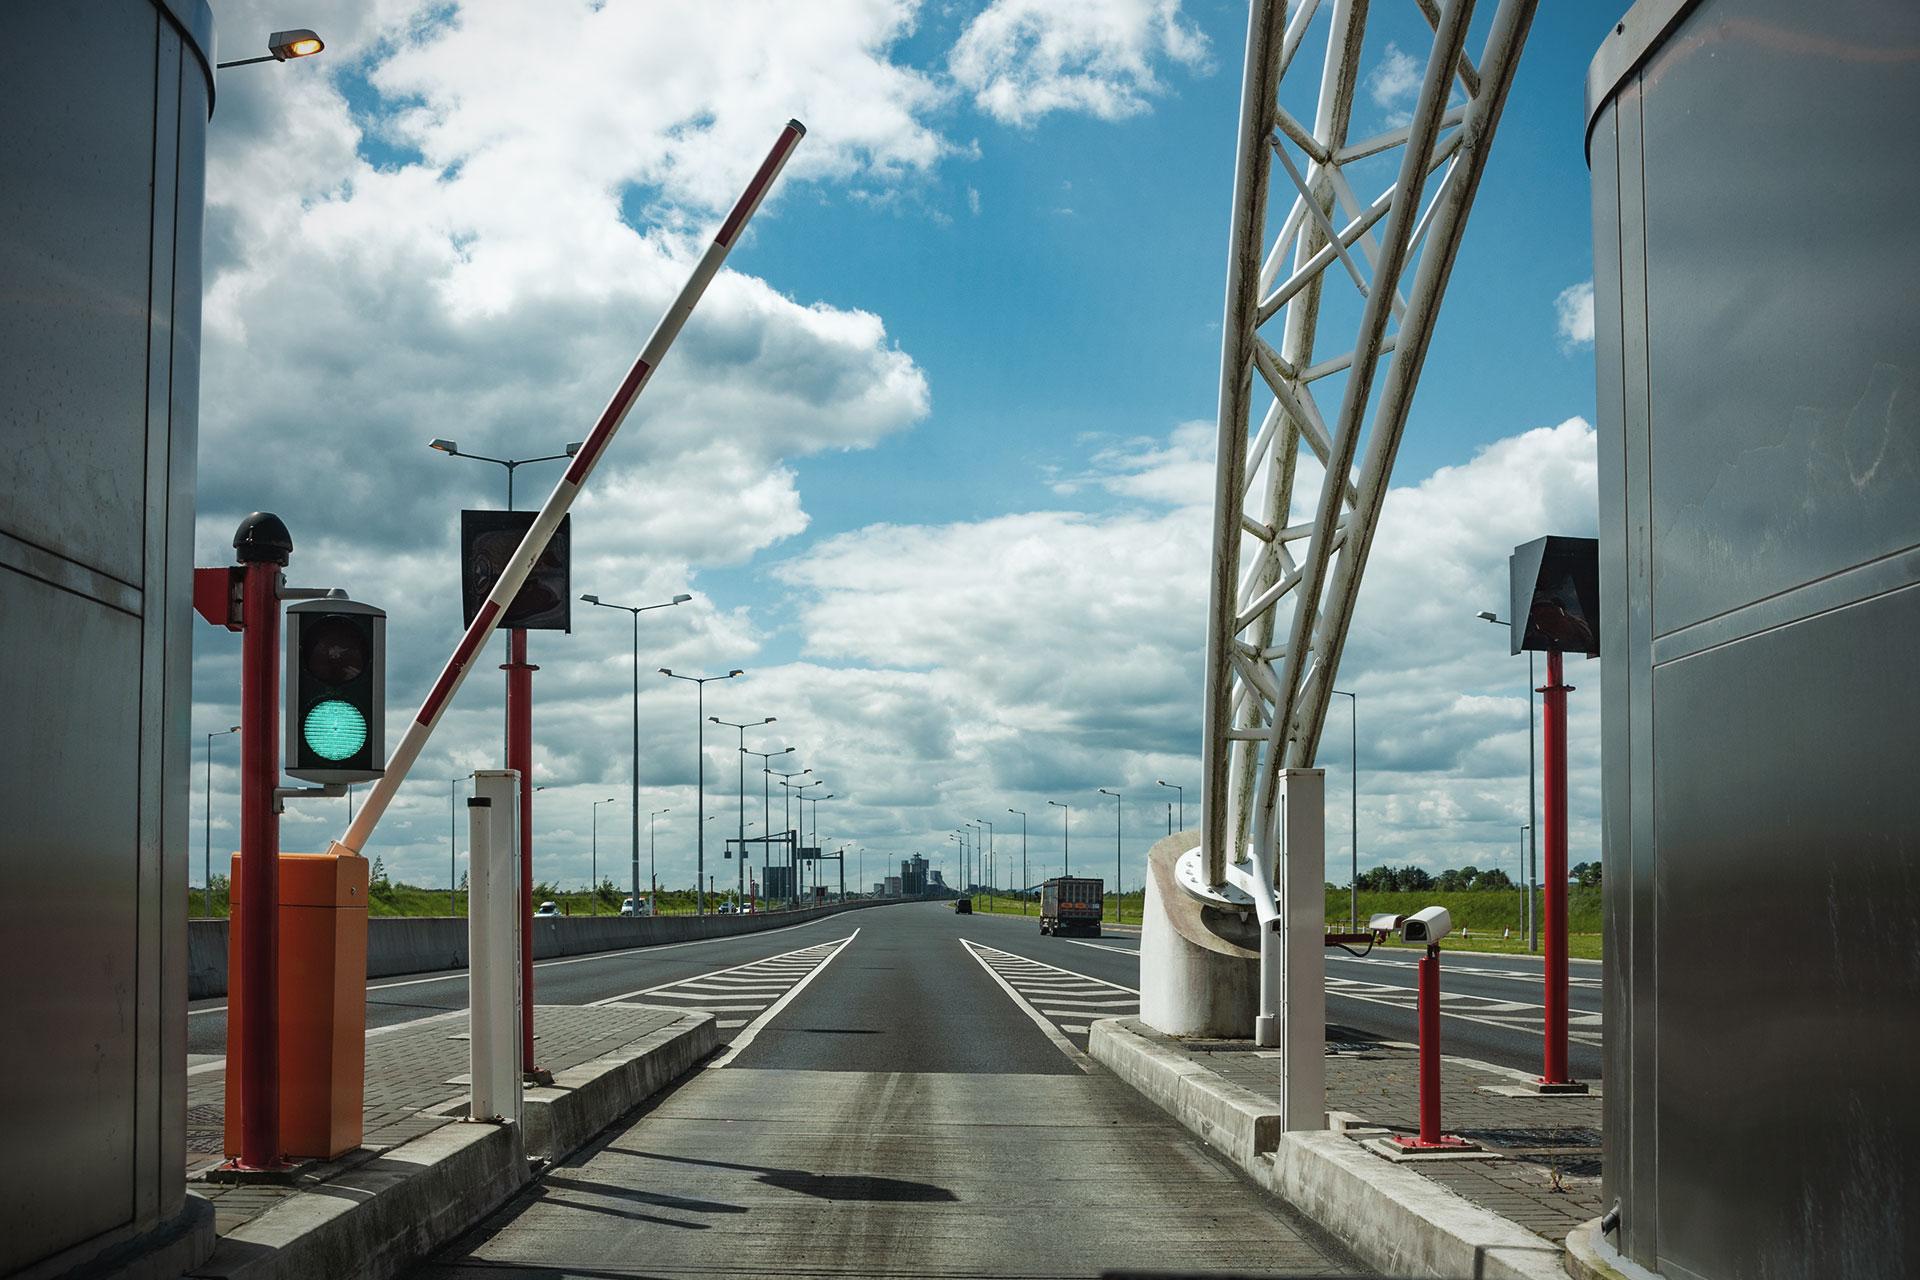 ponte nona esenzione pedaggio